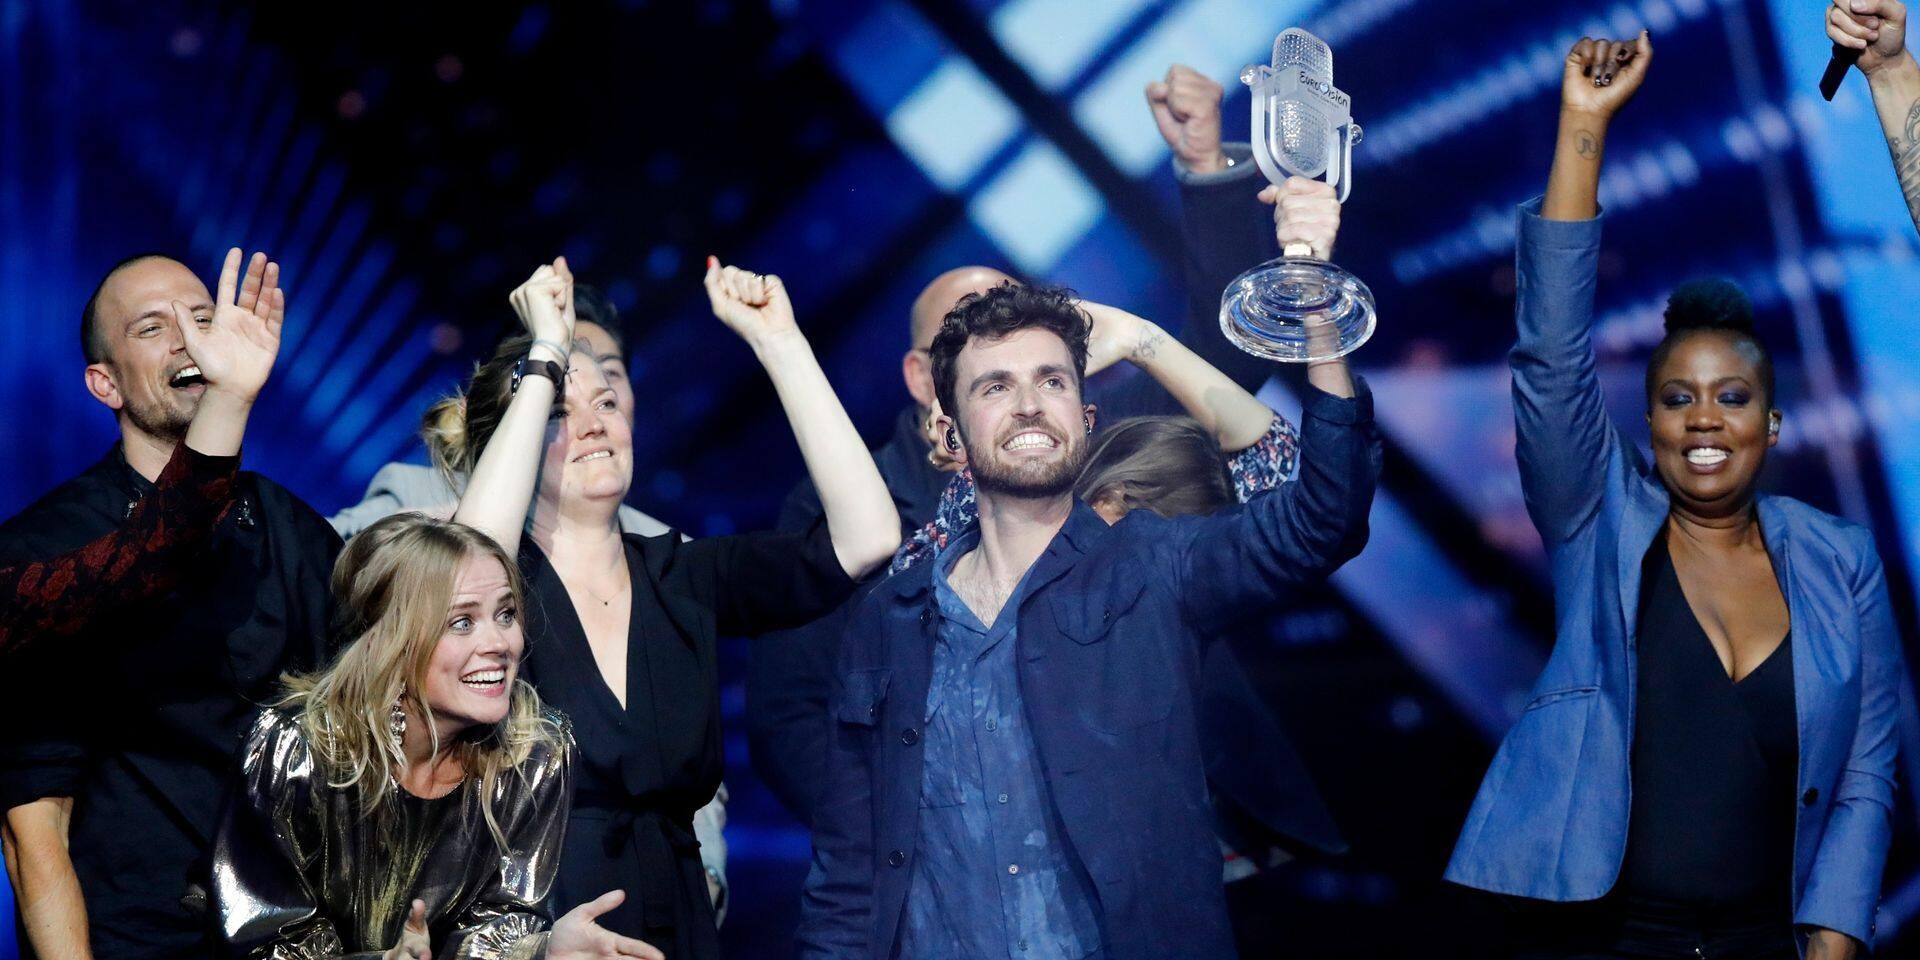 Duncan Laurence, le chanteur néerlandais, grand gagnant de l'Eurovision 2019.